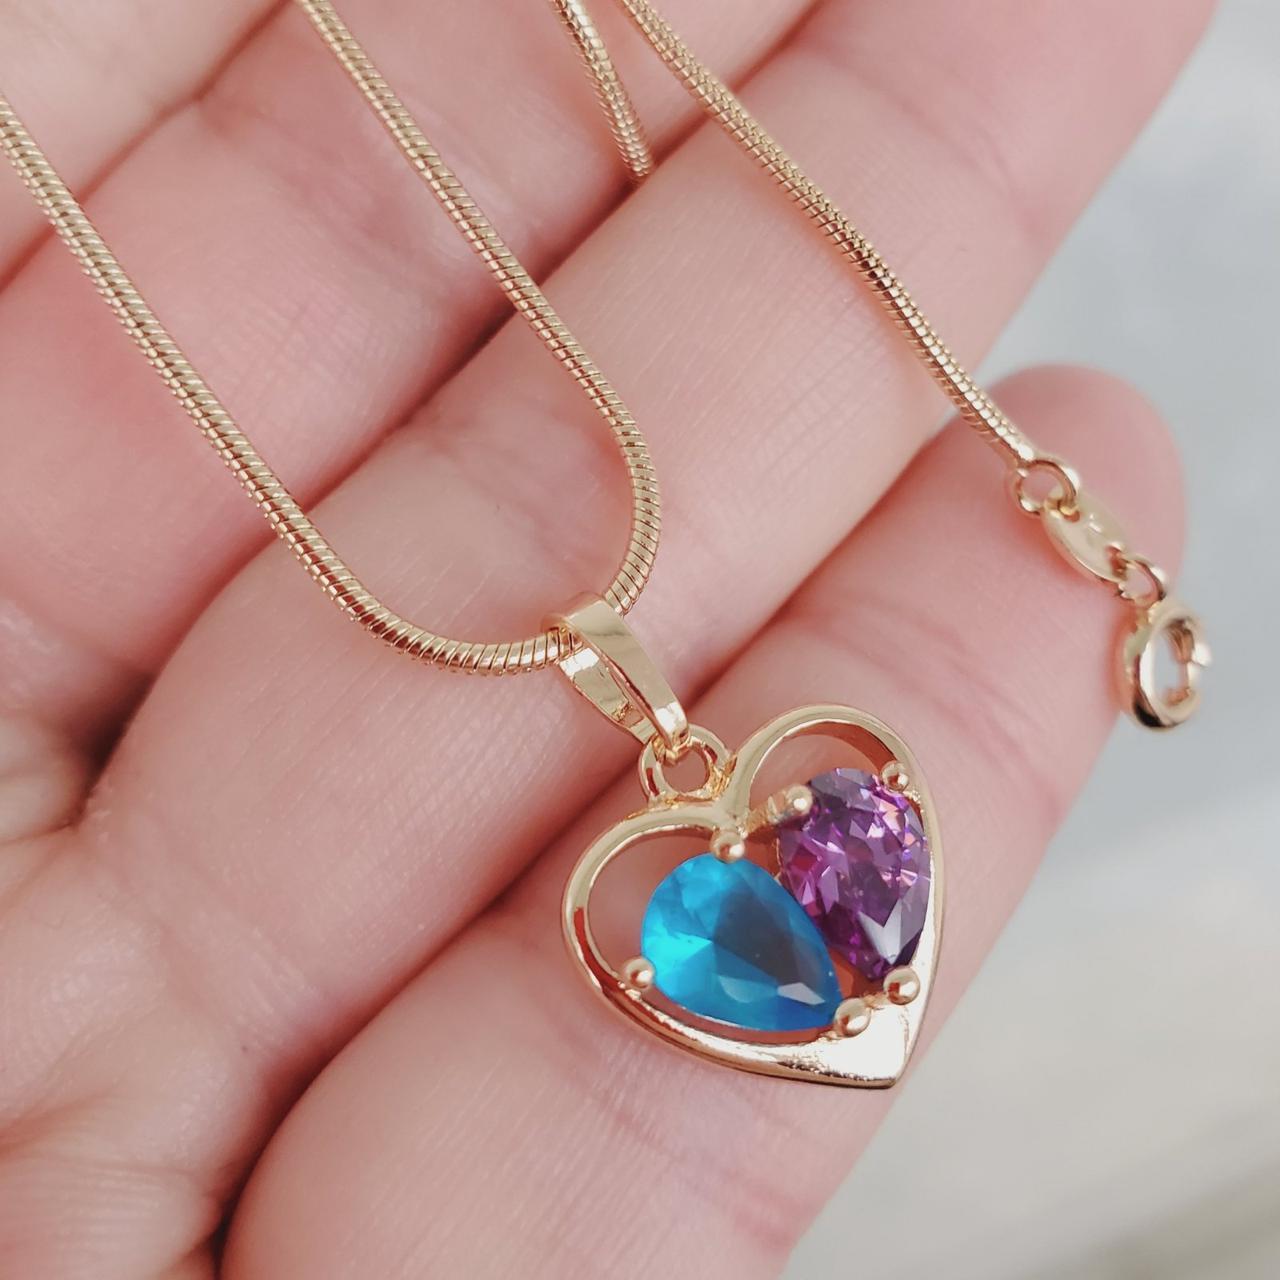 Кулон сердце с цепочкой снейк 1мм 45см xuping медицинское золото позолота 18К  5278